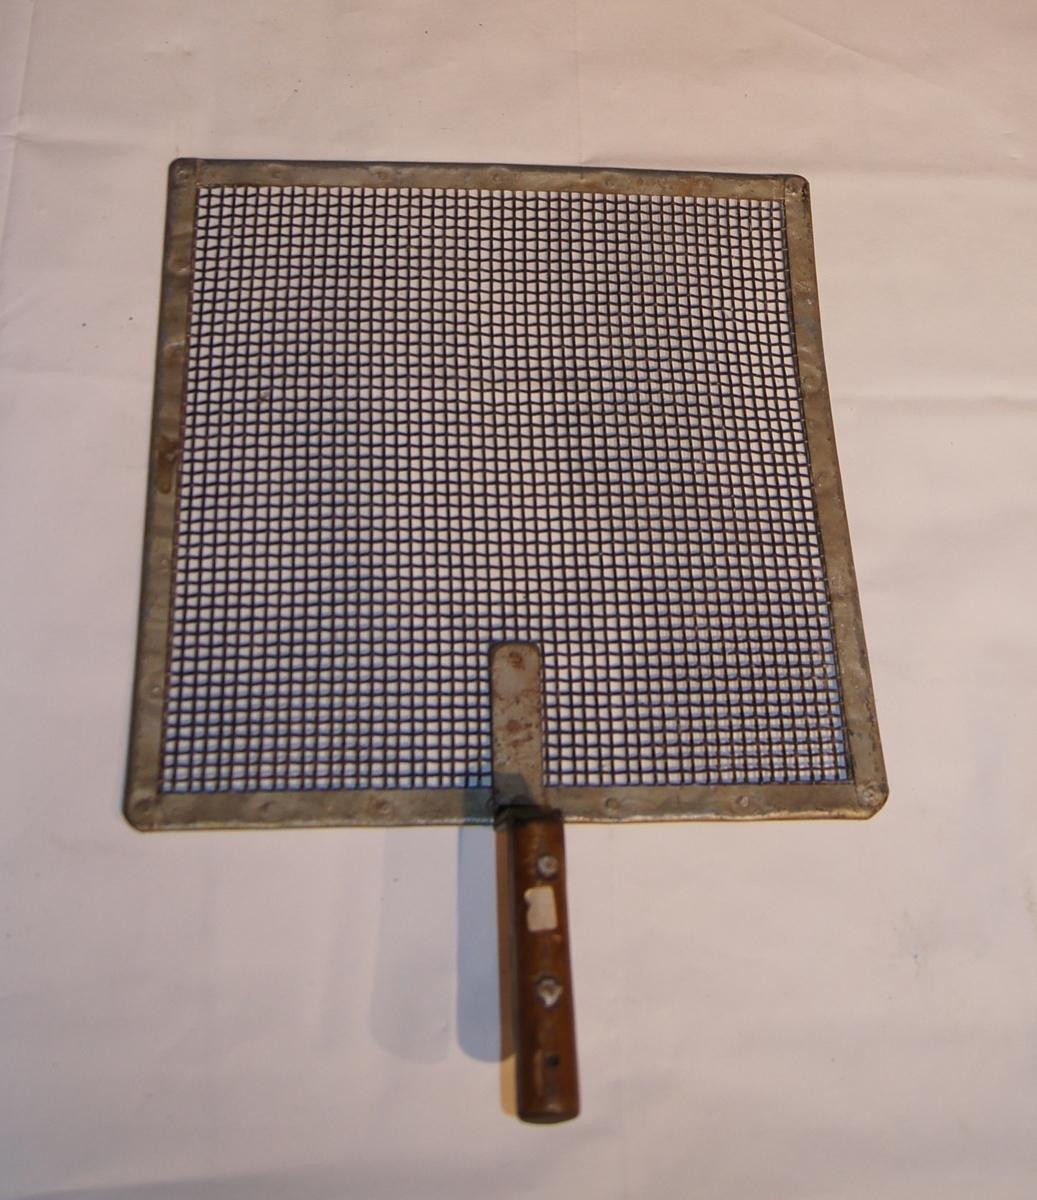 Kvadratisk nettingvisir i metall med håndtak.